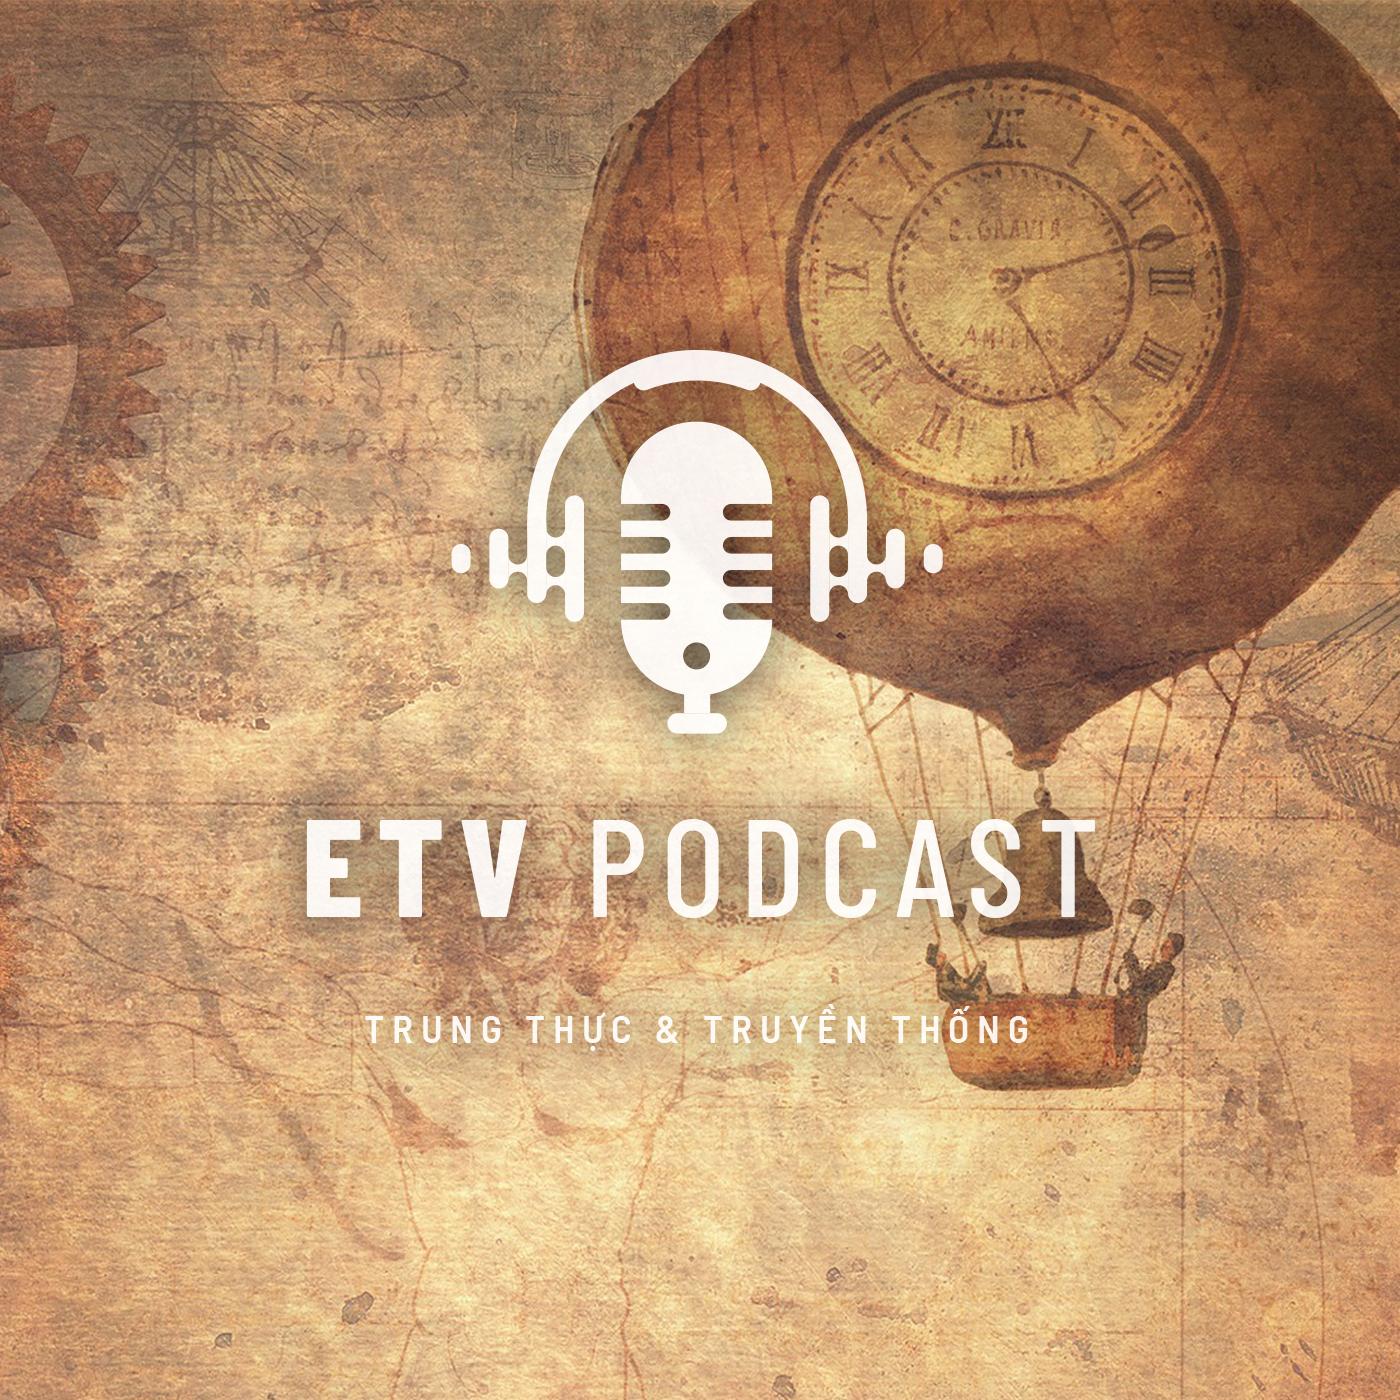 Artwork for podcast ETV Podcast